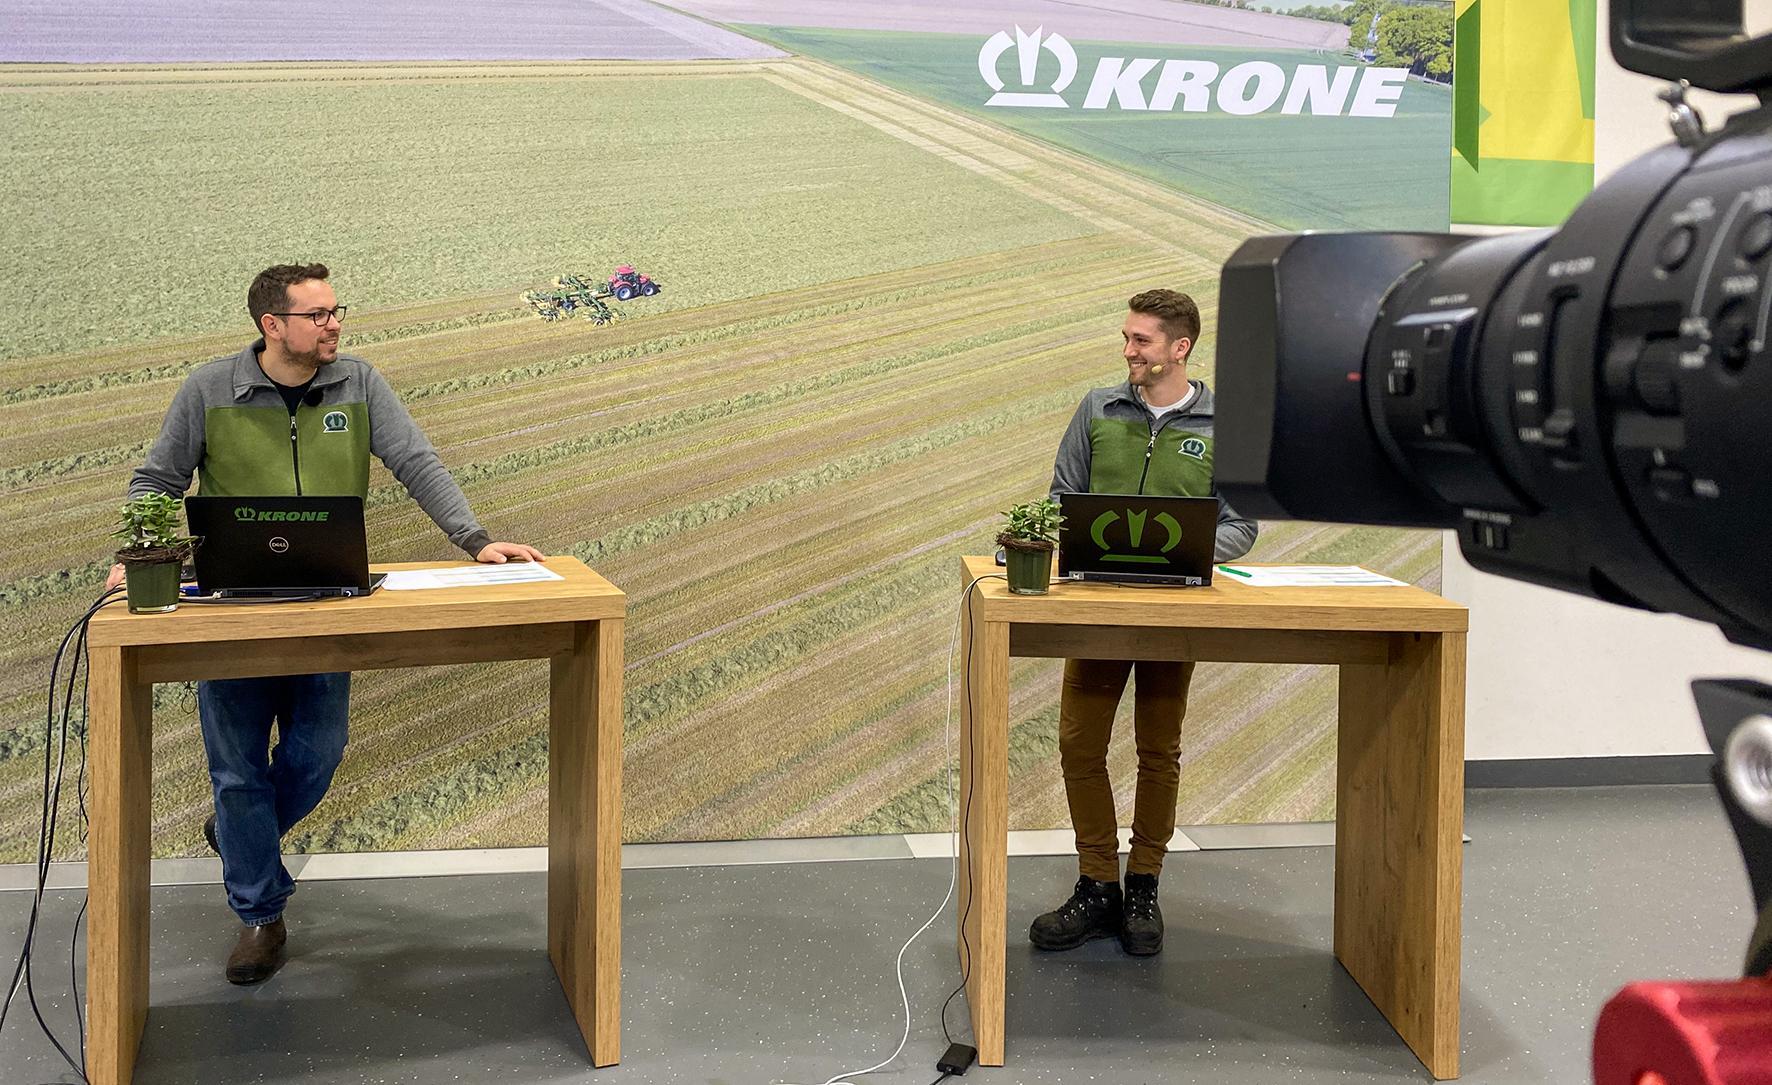 Навчання в потоковому режимі – пряма трансляція з навчального центру Krone Понад 100 учасників із 16 країн пройшли навчання одночасно